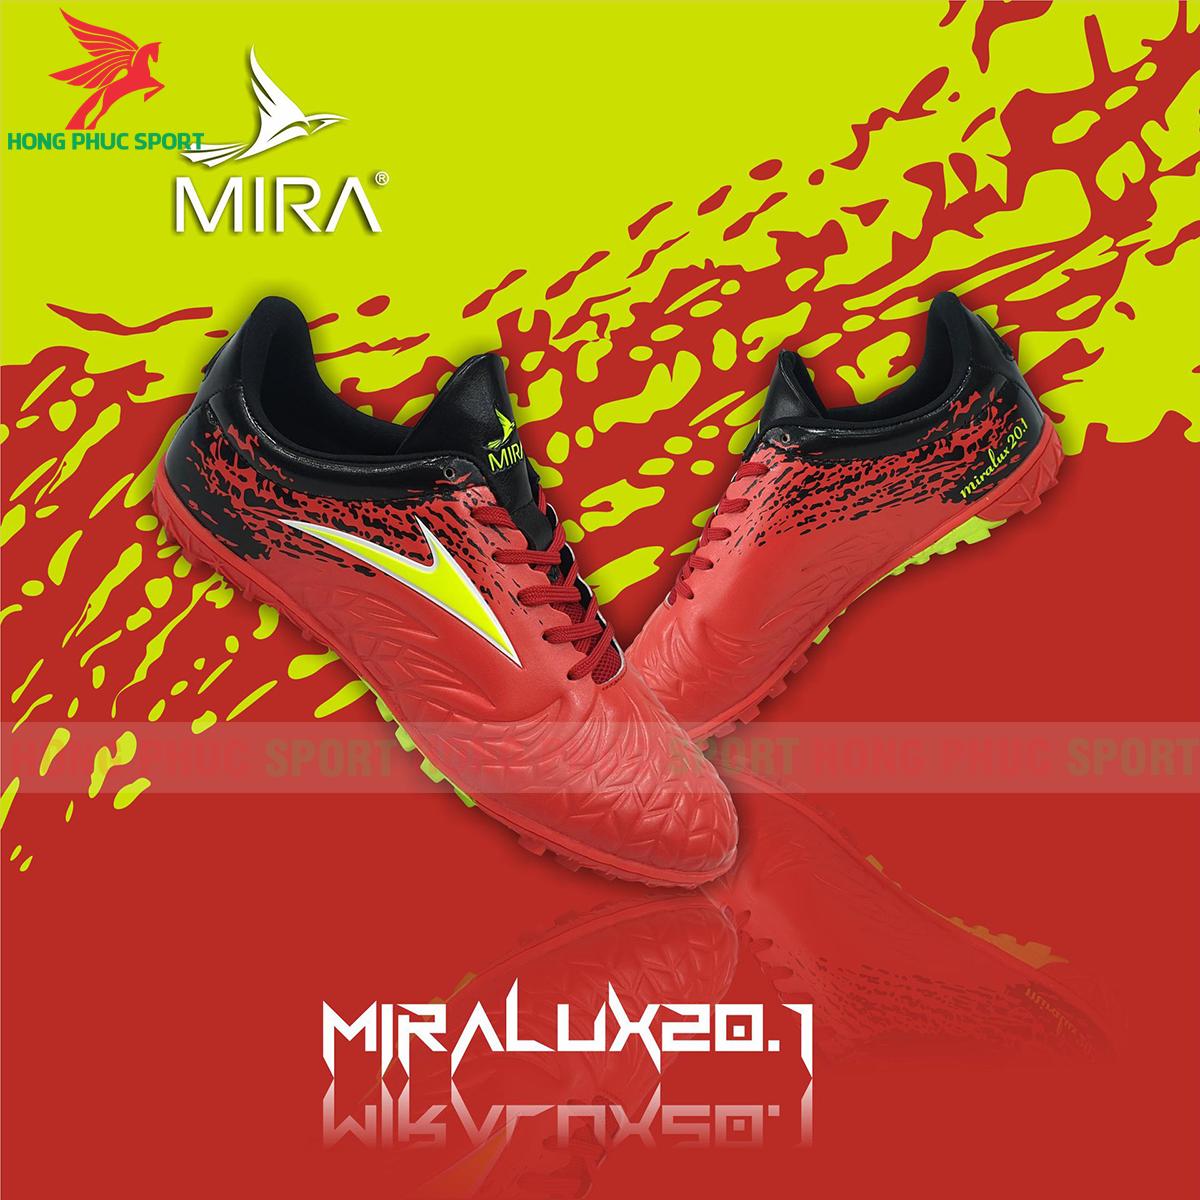 Giày Mira Lux 20.1 sân cỏ nhân tạo màu đỏ phối đen